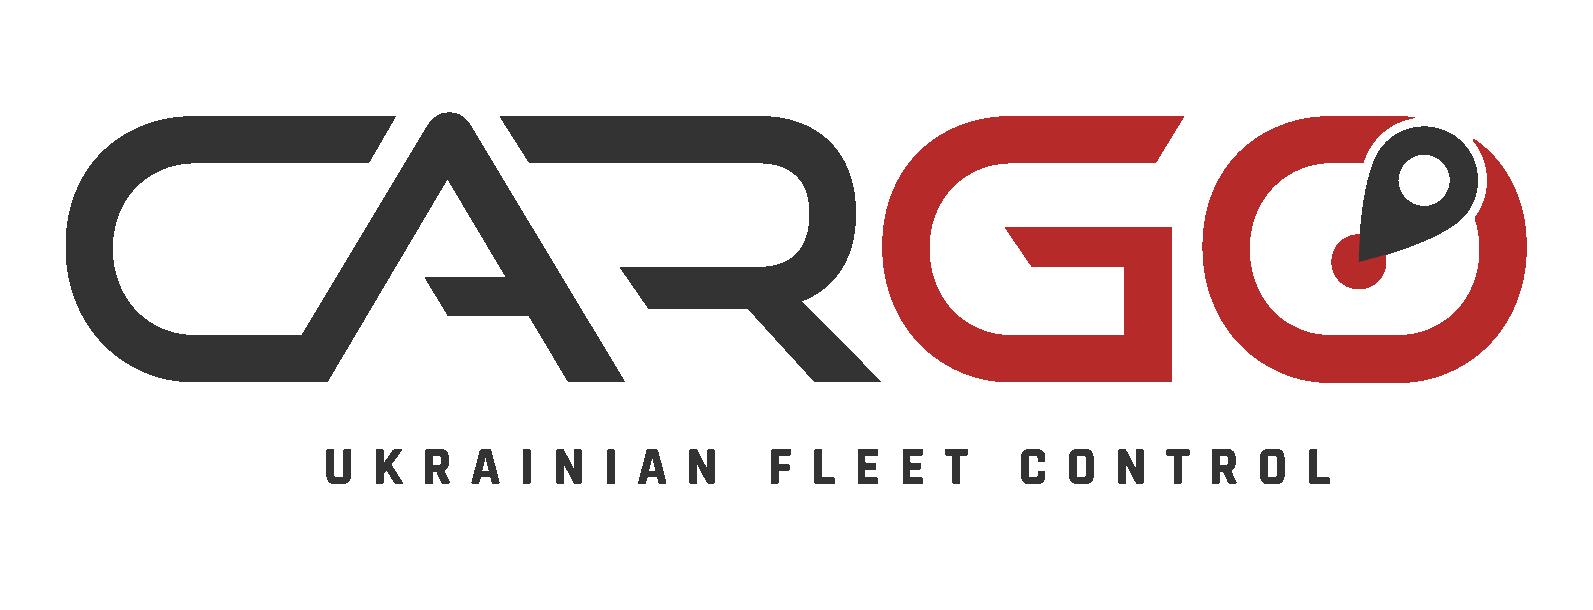 Cargo UFC